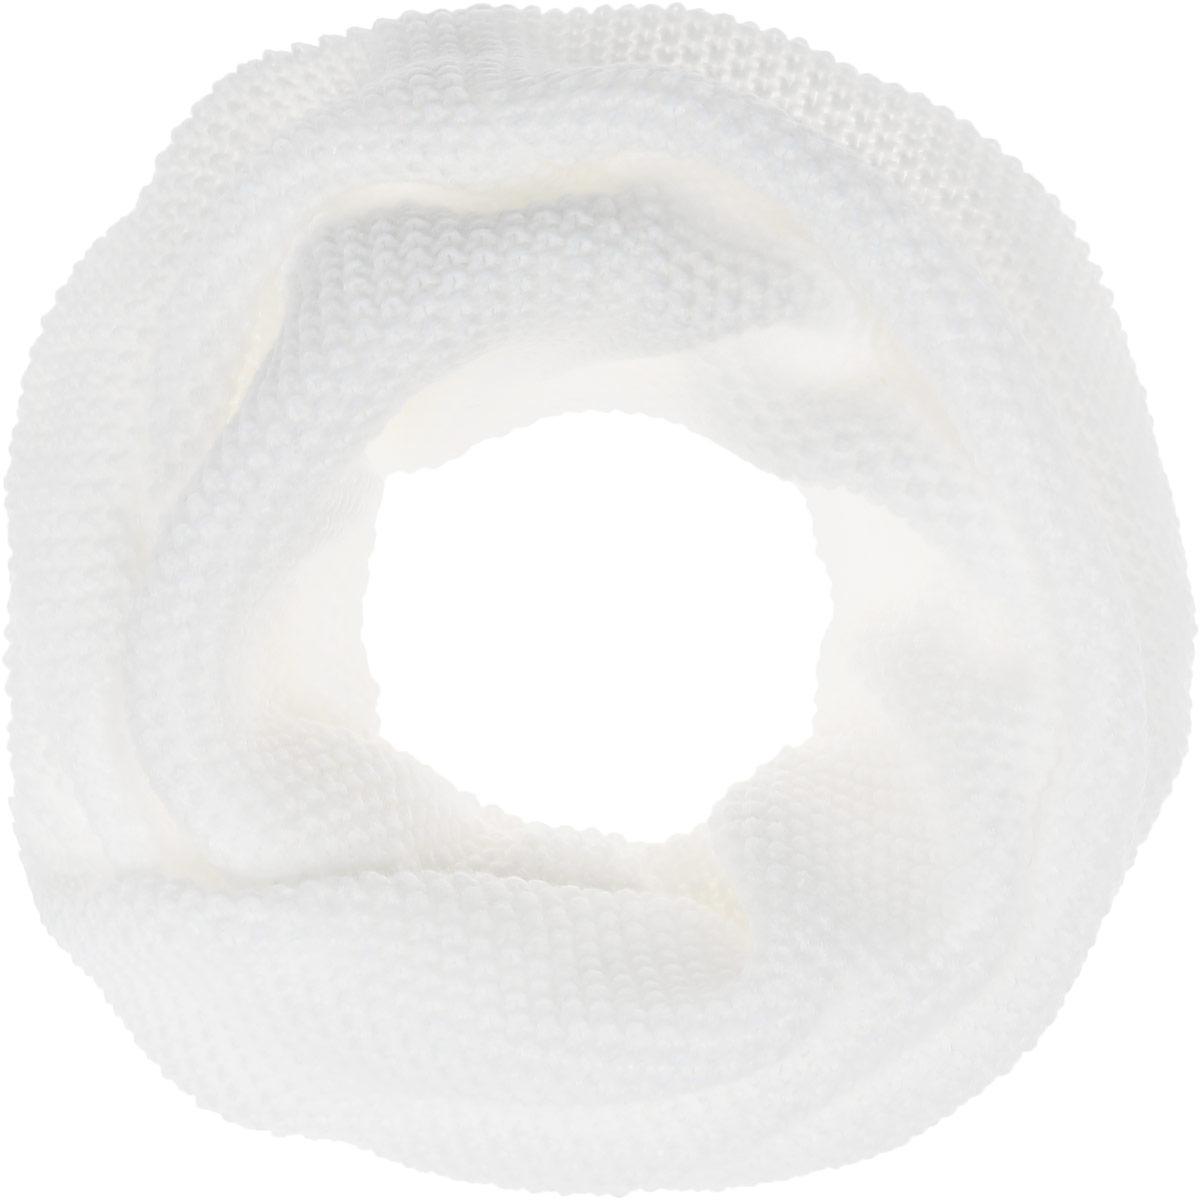 Снуд-хомут женский Baon, цвет: молочный. B337. Размер 80 см х 62 смB337_MILKЖенский вязаный снуд-хомут Baon выполнен из шерсти и акрила. Модель связана кольцом, сужается сзади и красиво драпируется спереди, имитируя шейный платок.